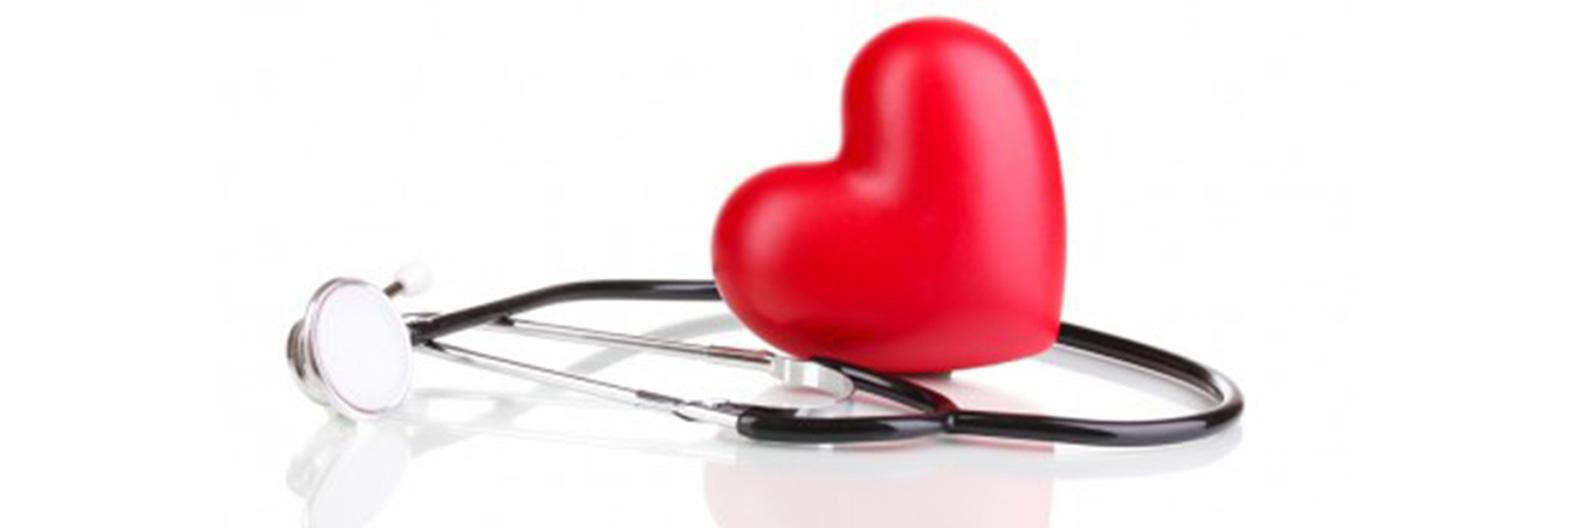 Kodėl atsiranda arterinė hipertenzija? - Tromboflebitas - November